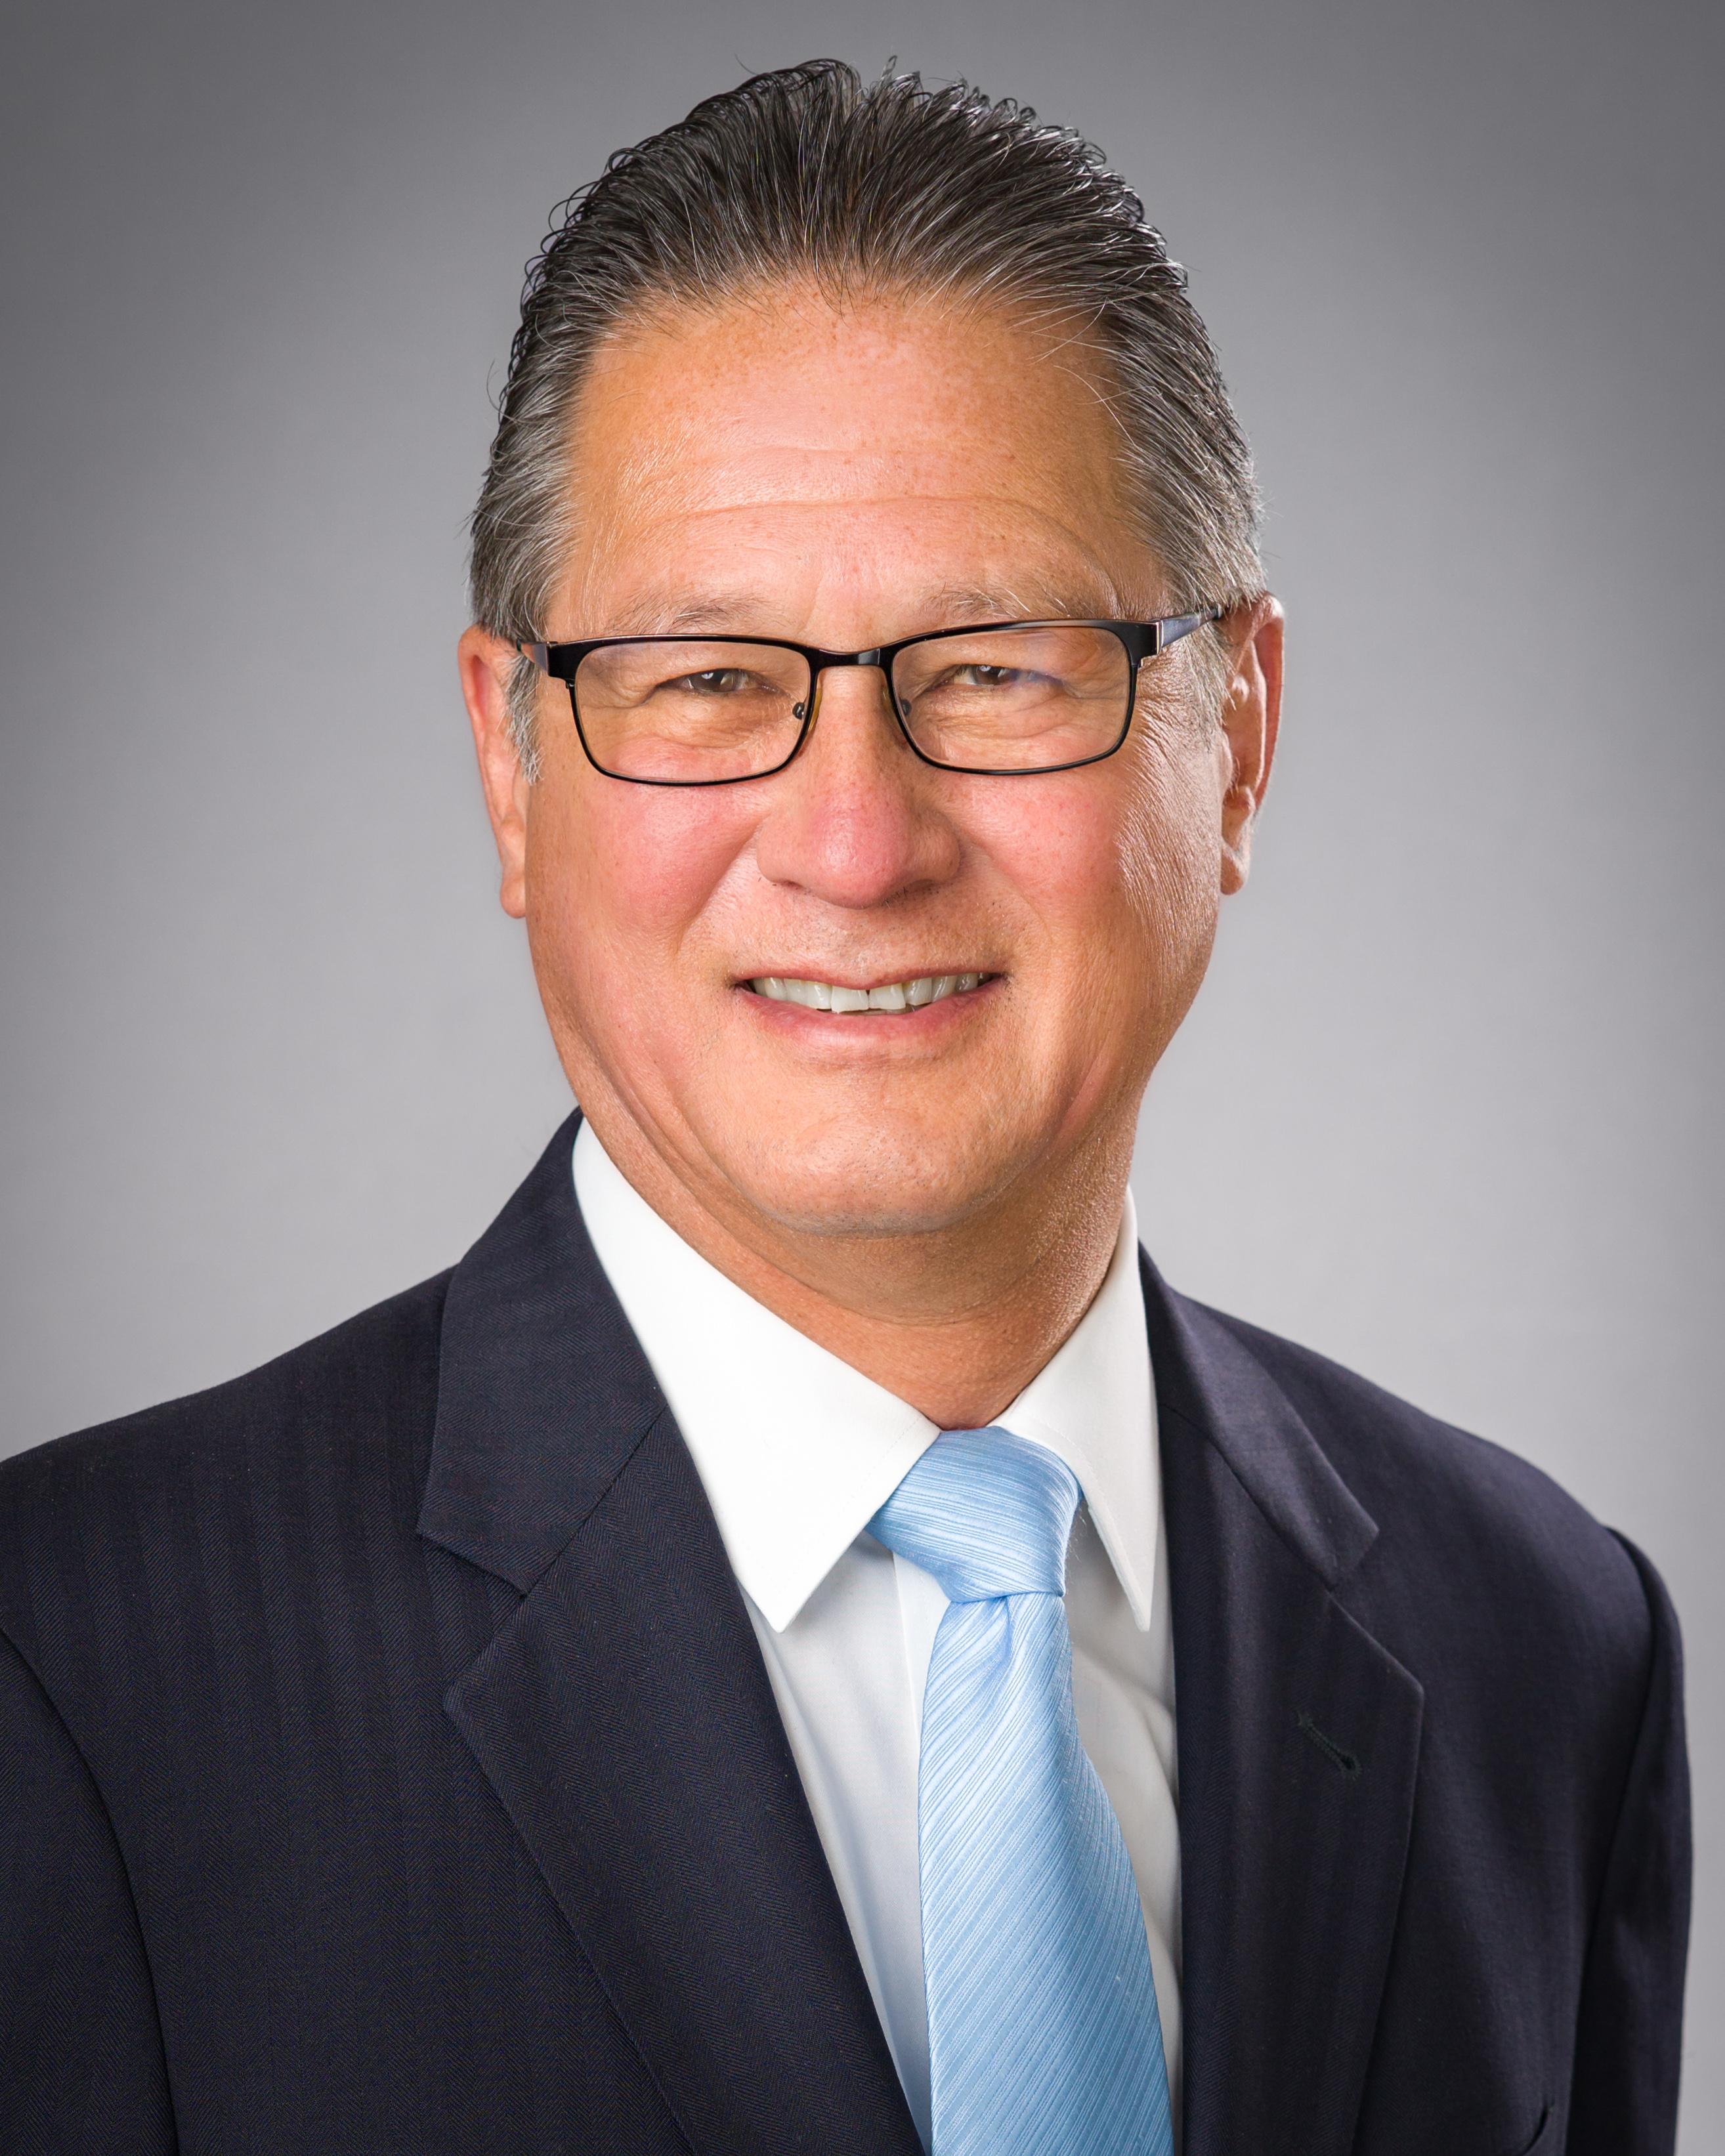 John W. Simek